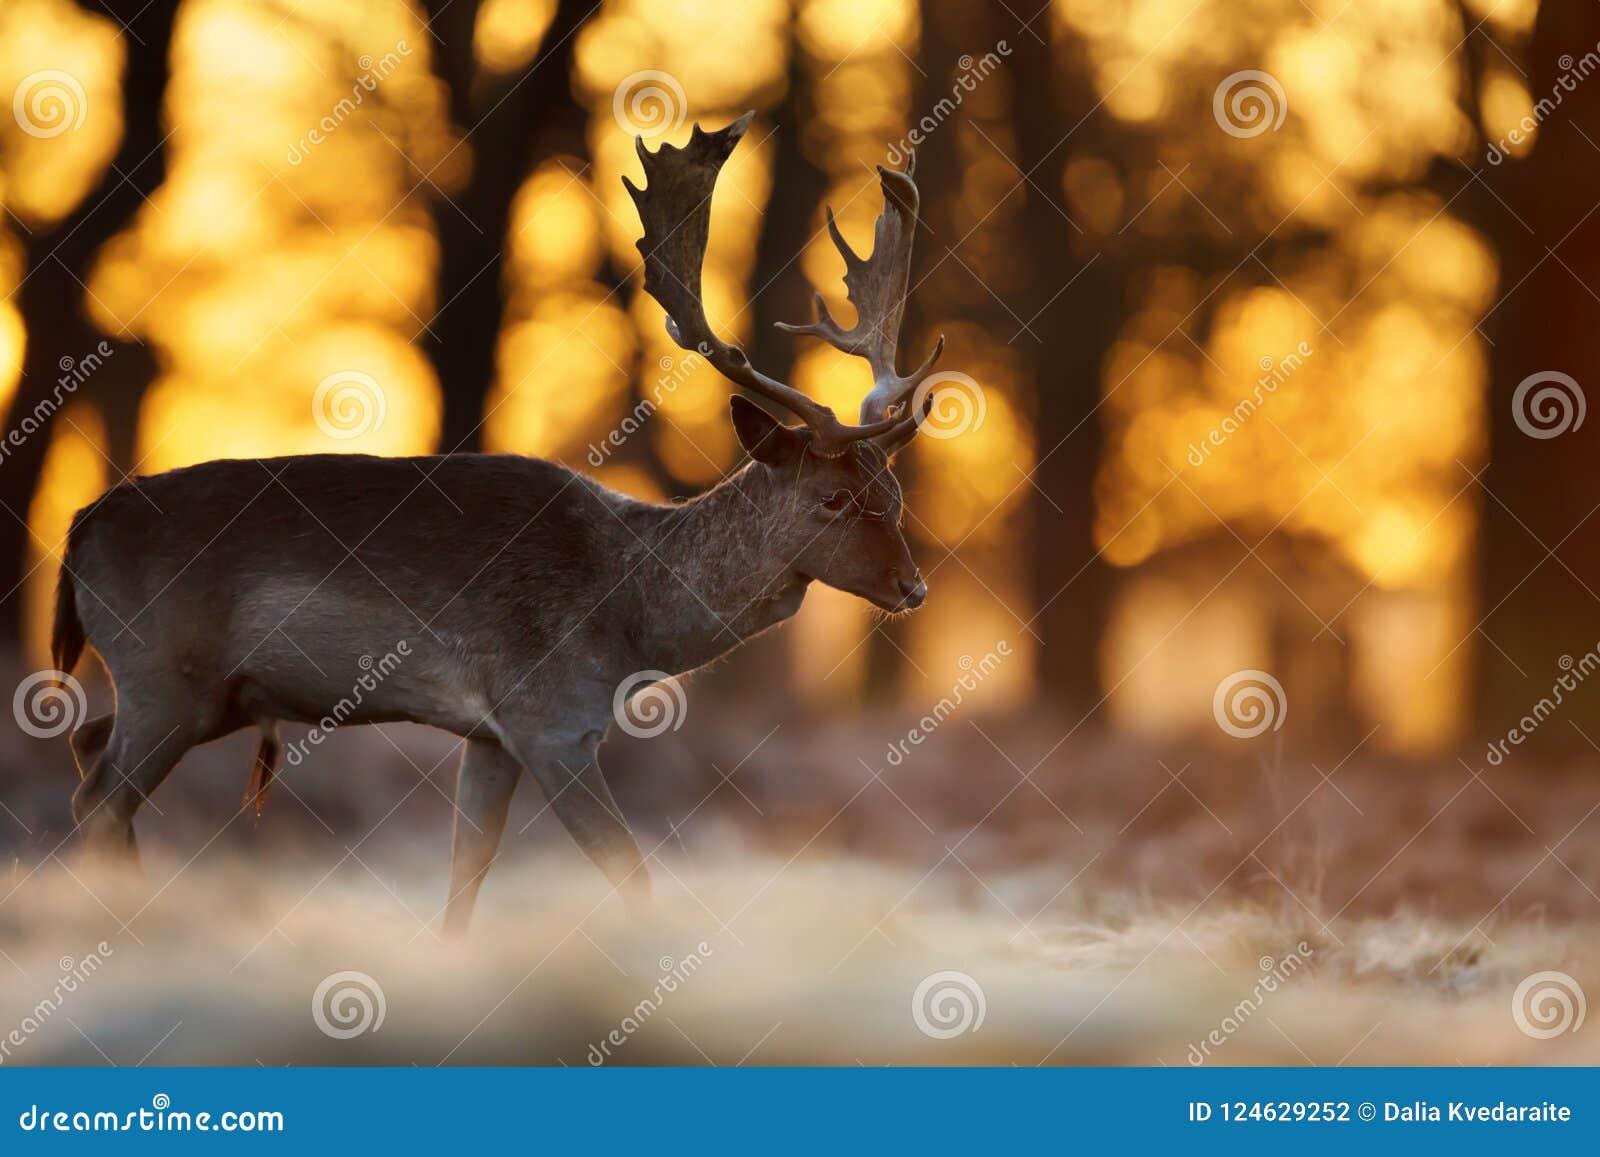 Zakończenie ugoru rogacza jelenia odprowadzenie przeciw powstającemu słońcu